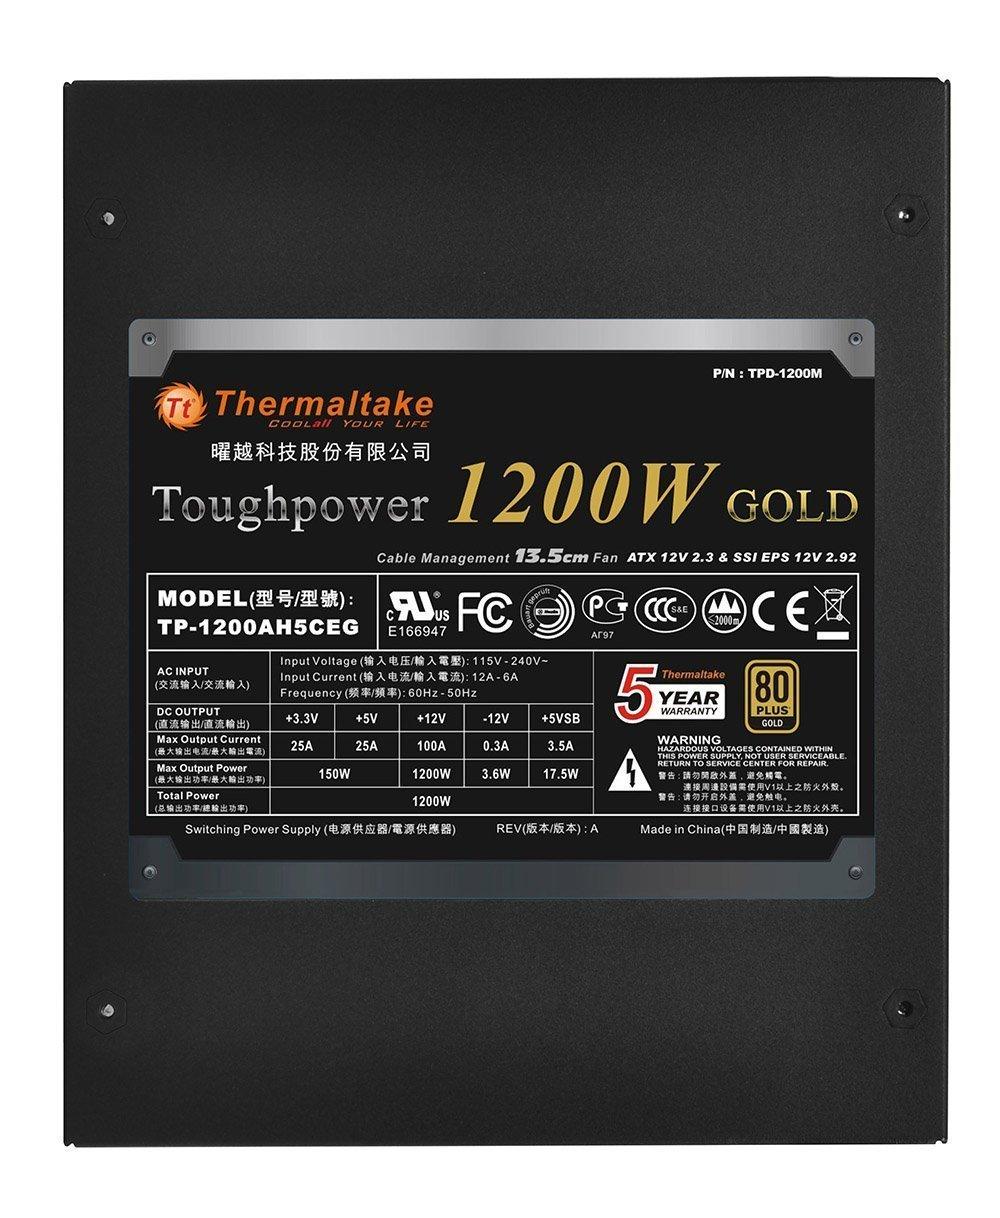 Thermaltake TOUGHPOWER 1200W review